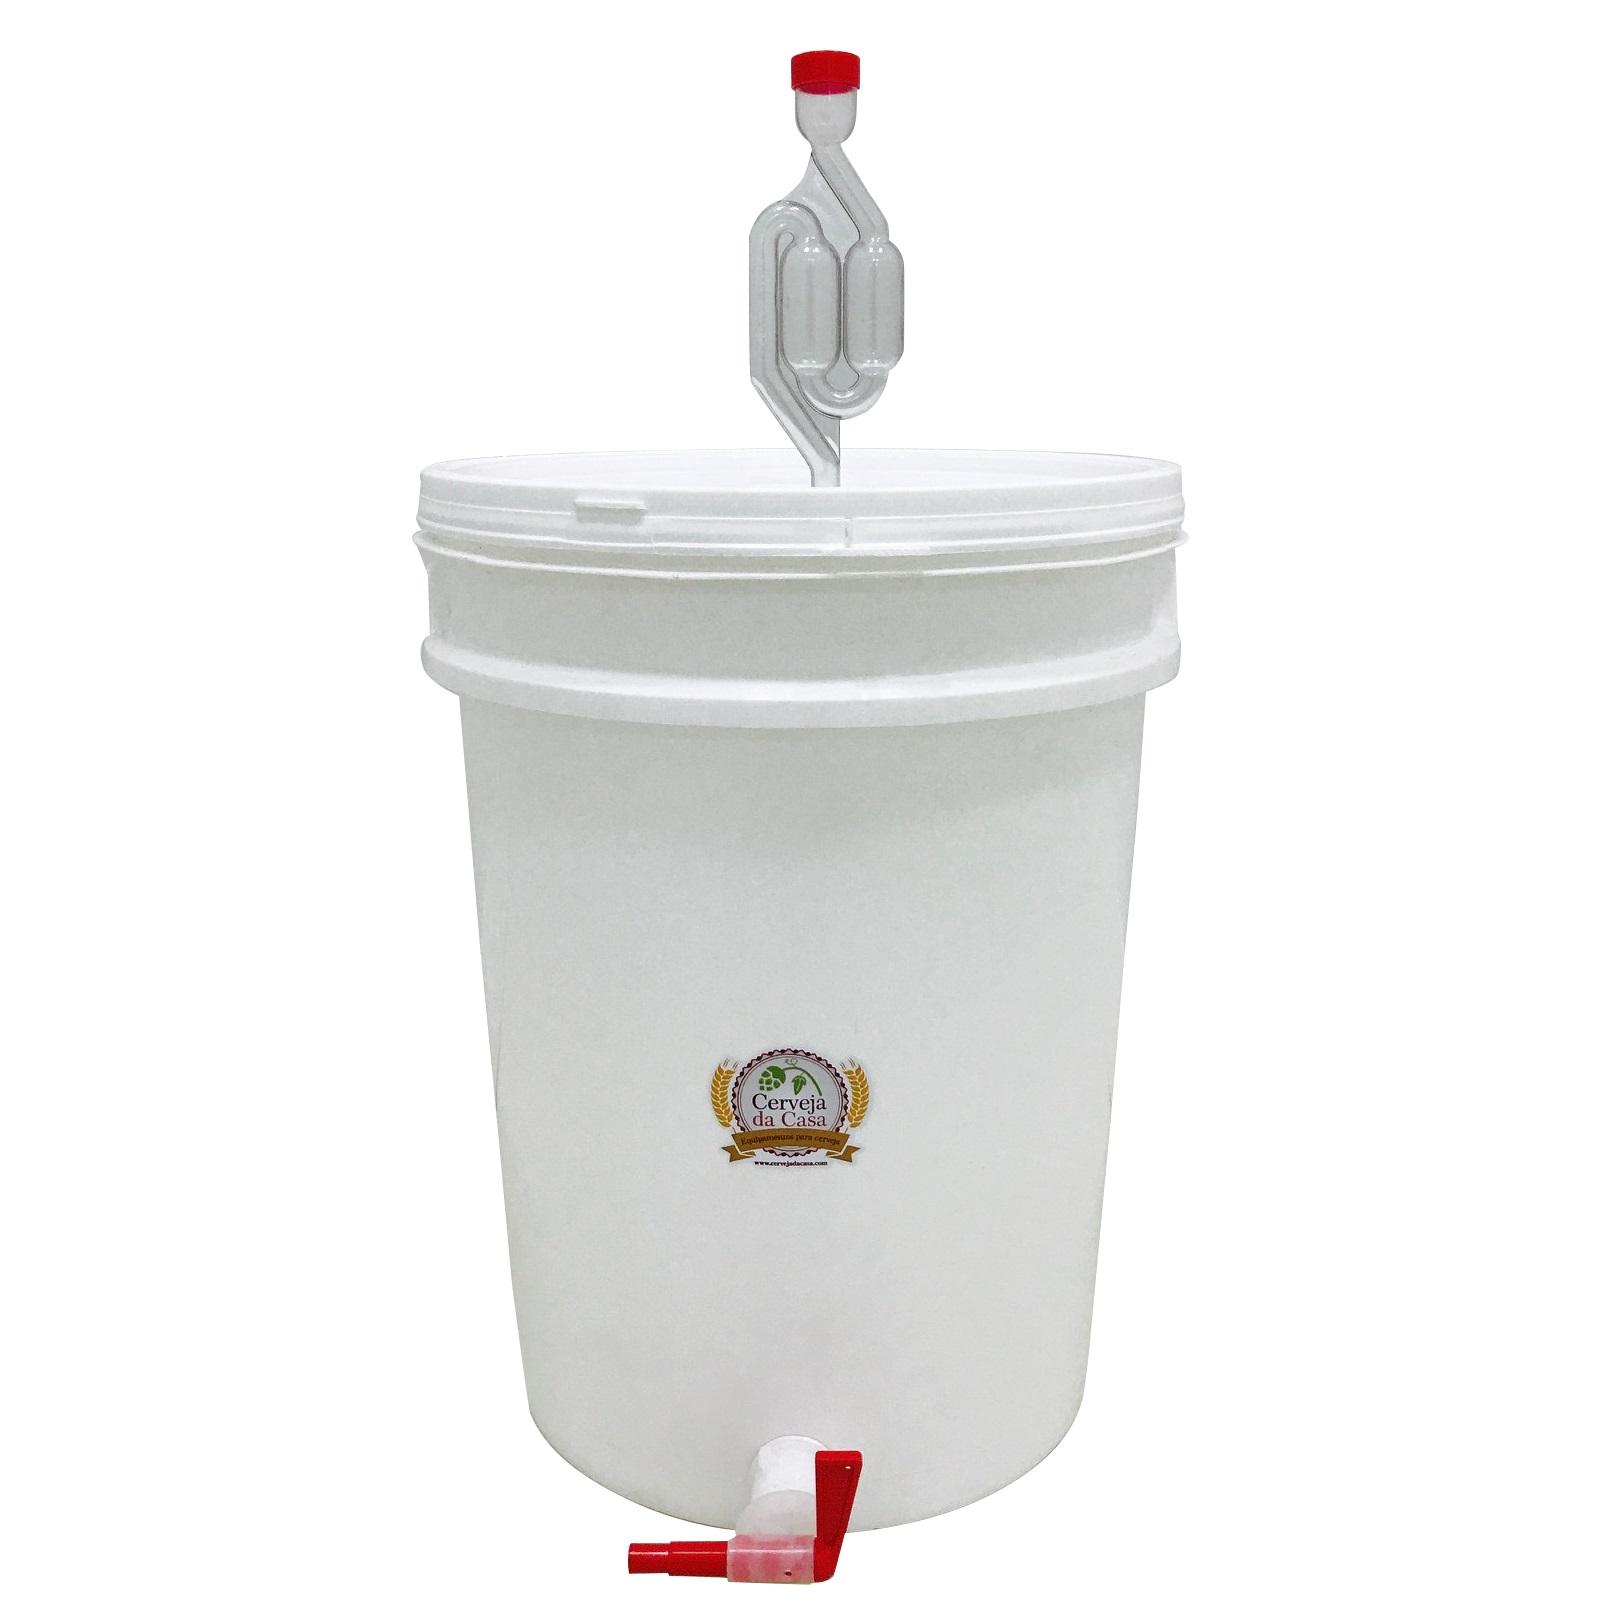 Balde Fermentador 12L com Torneira Anti-resíduos, Airlock e Anel de Silicone